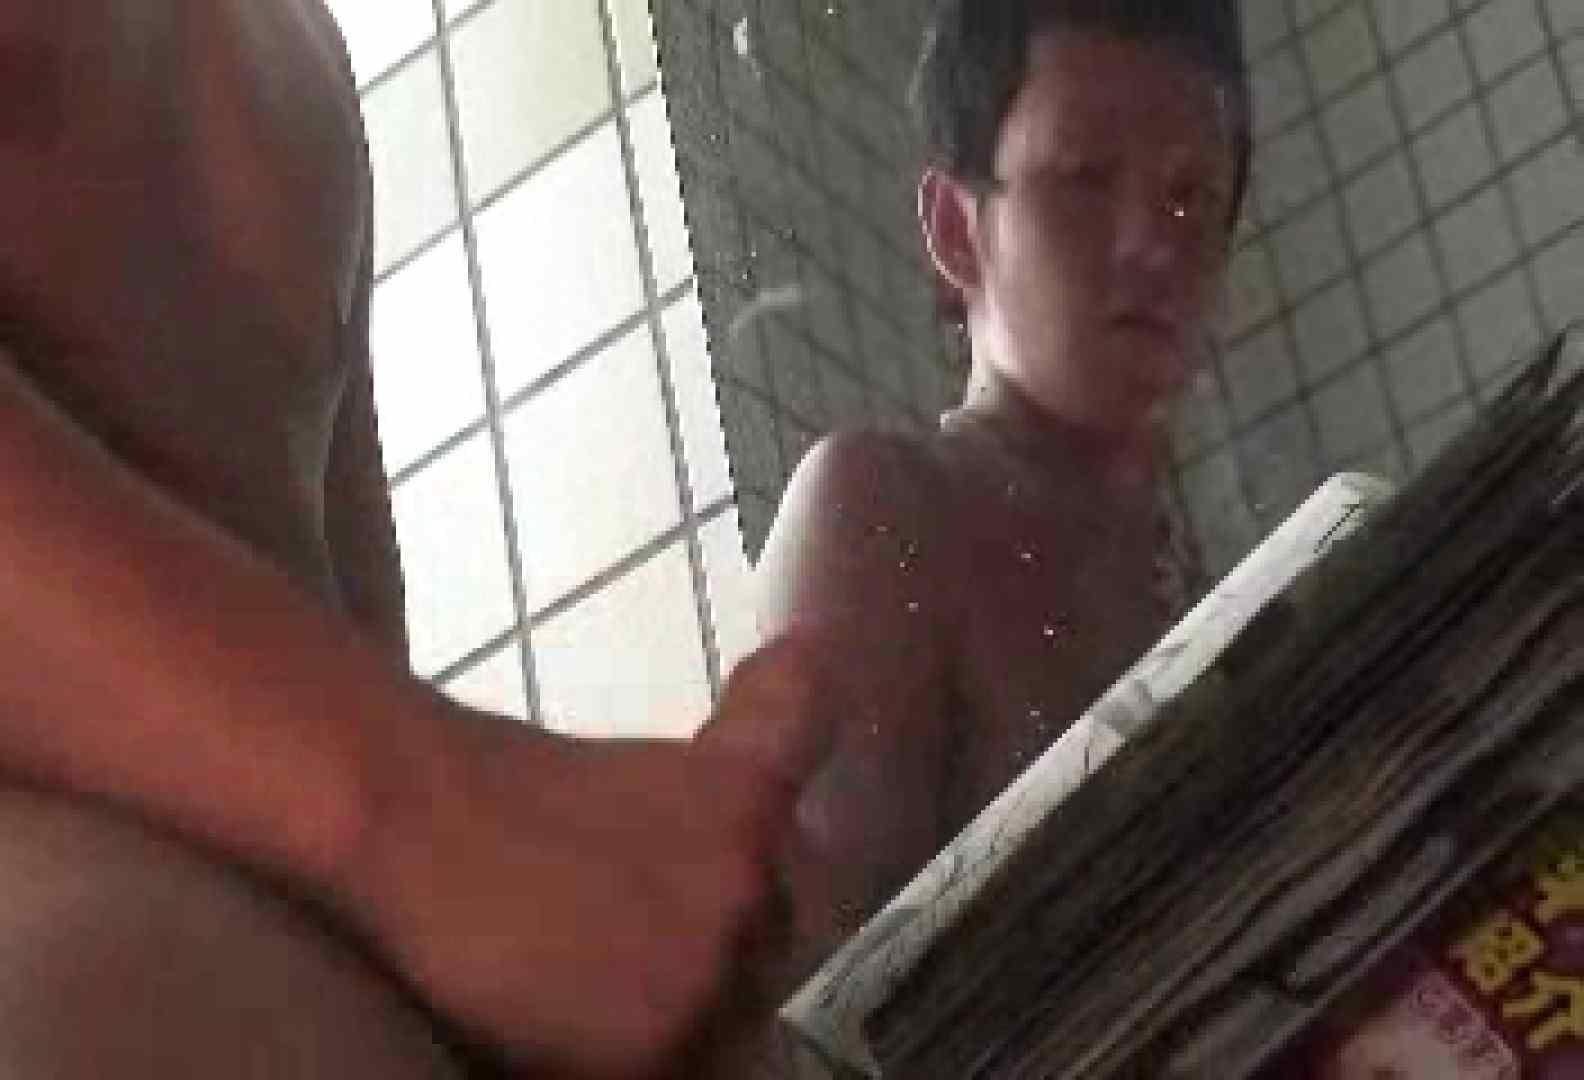 体育会系!!ノンケ肉体美メンズの挑戦!VOL.01 野外露出動画 ゲイ素人エロ画像 87pic 70